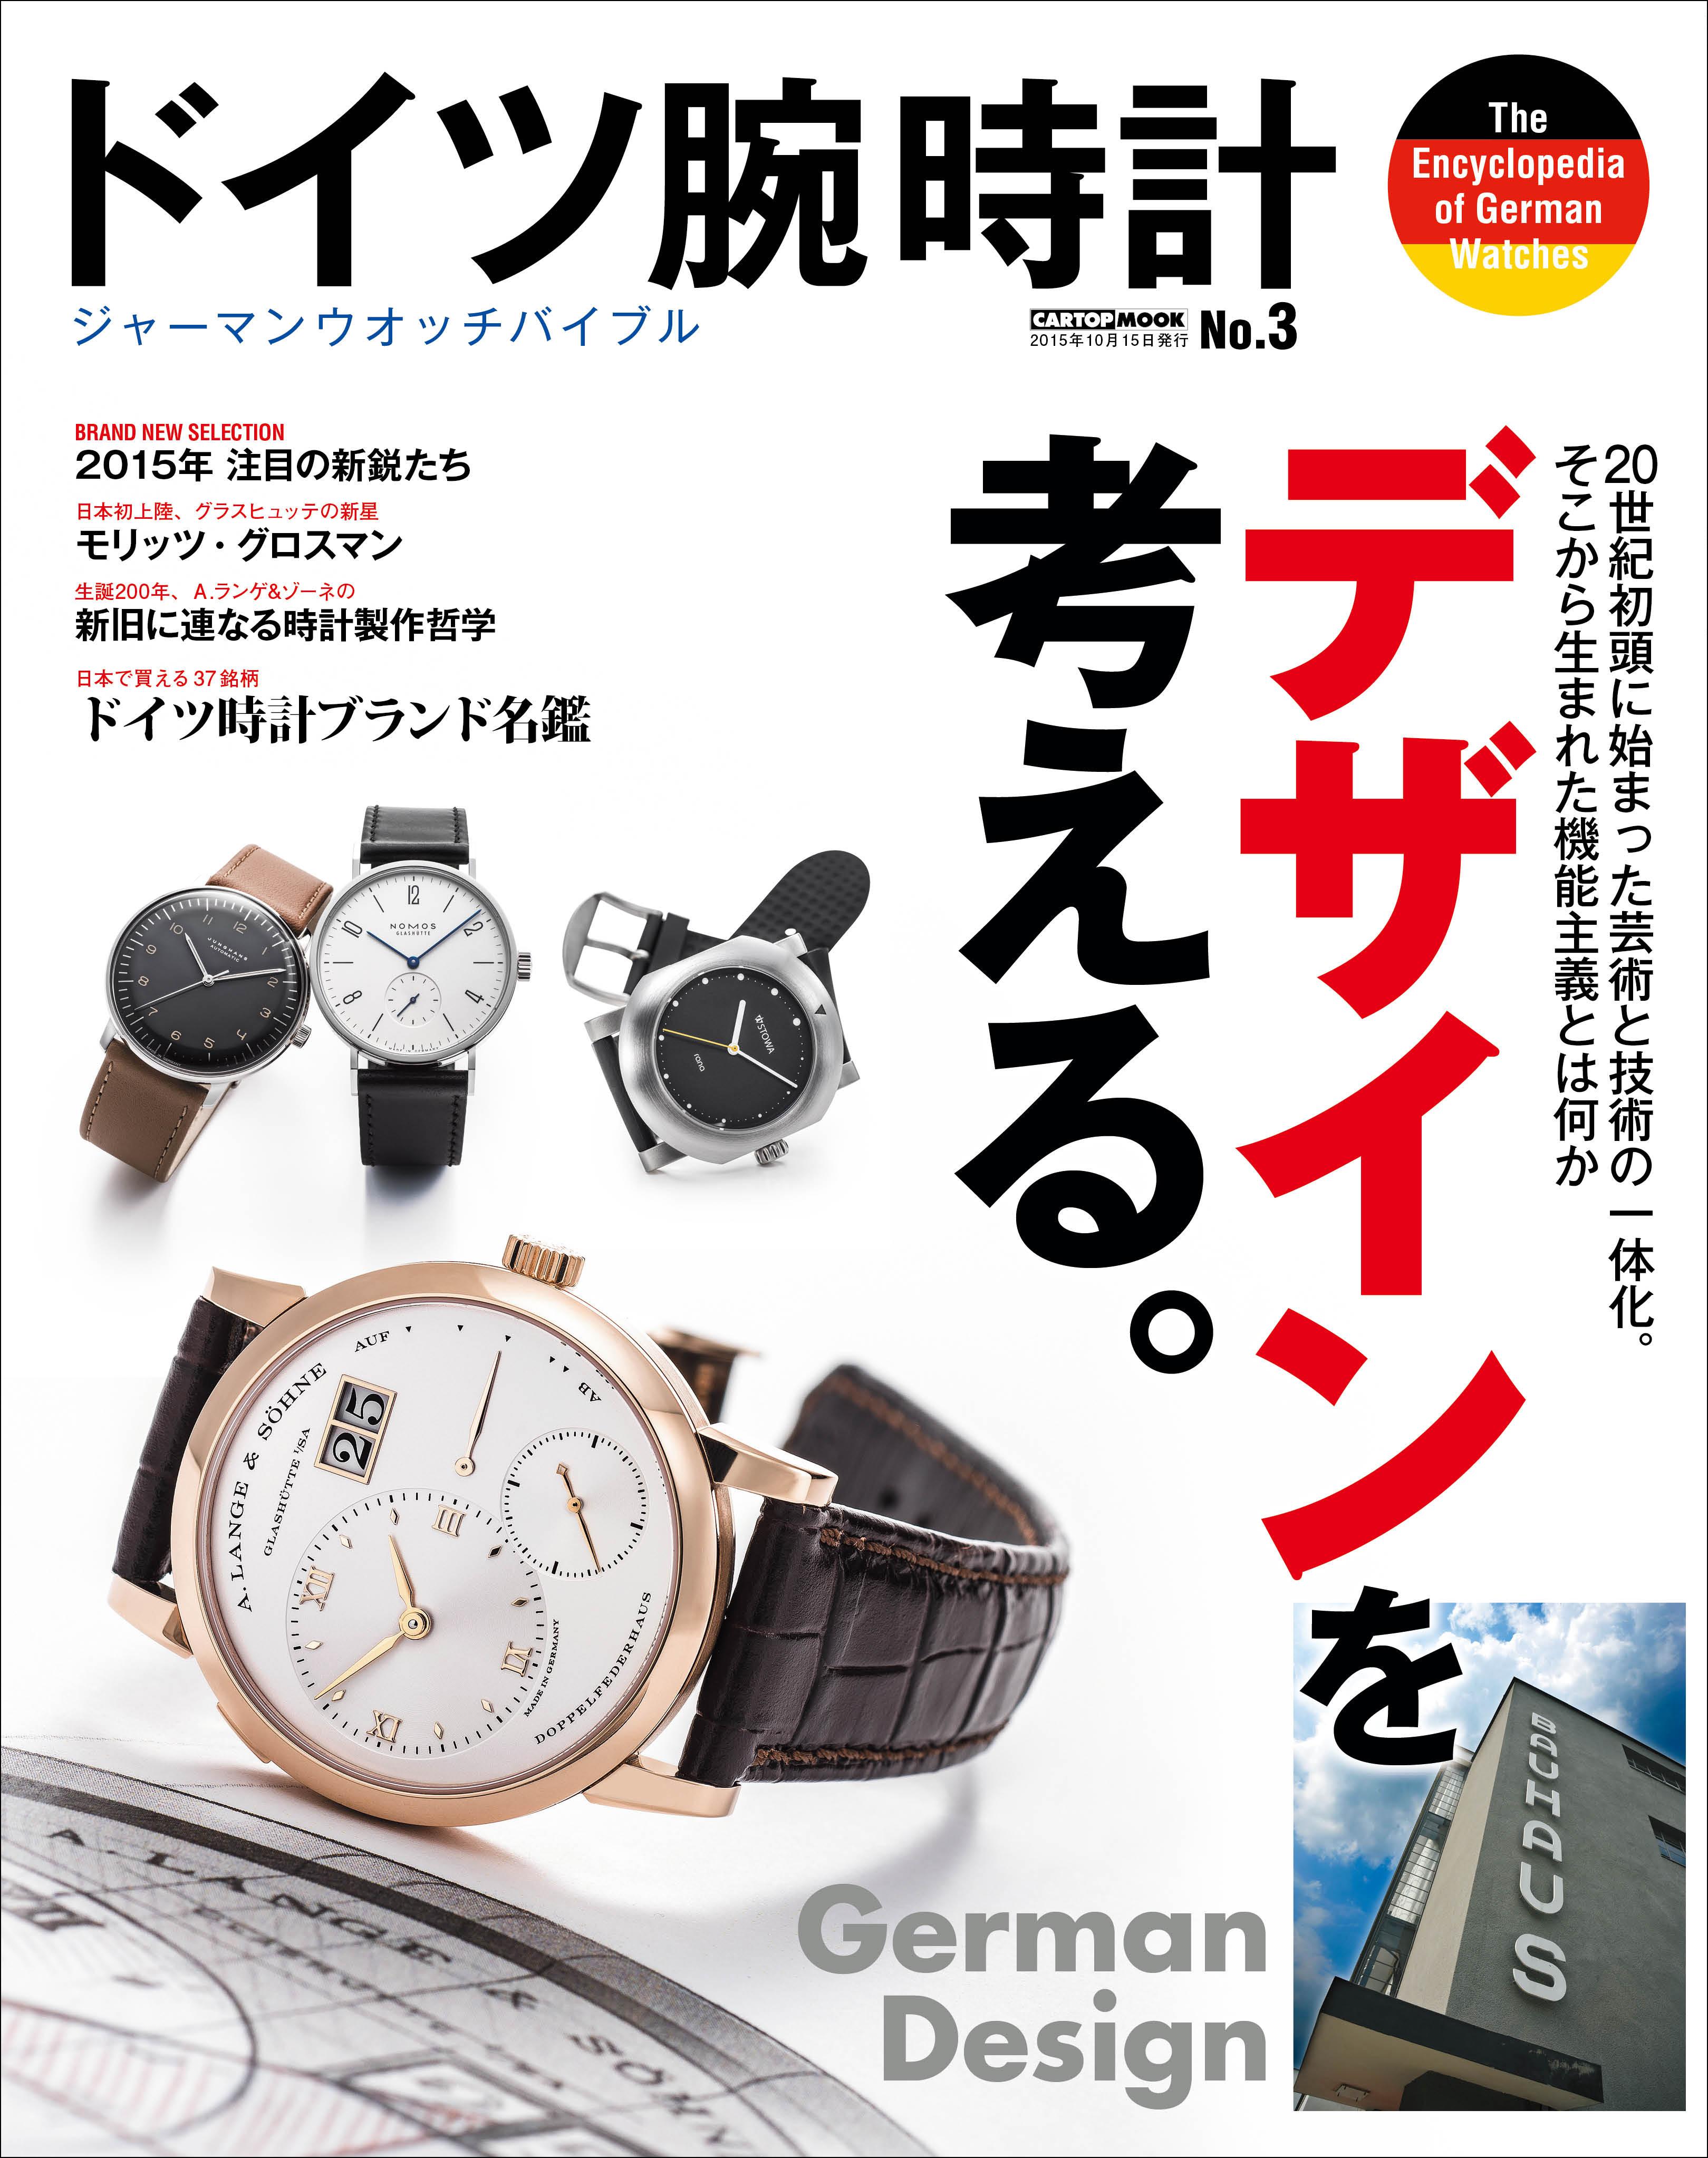 ドイツ腕時計 No.3